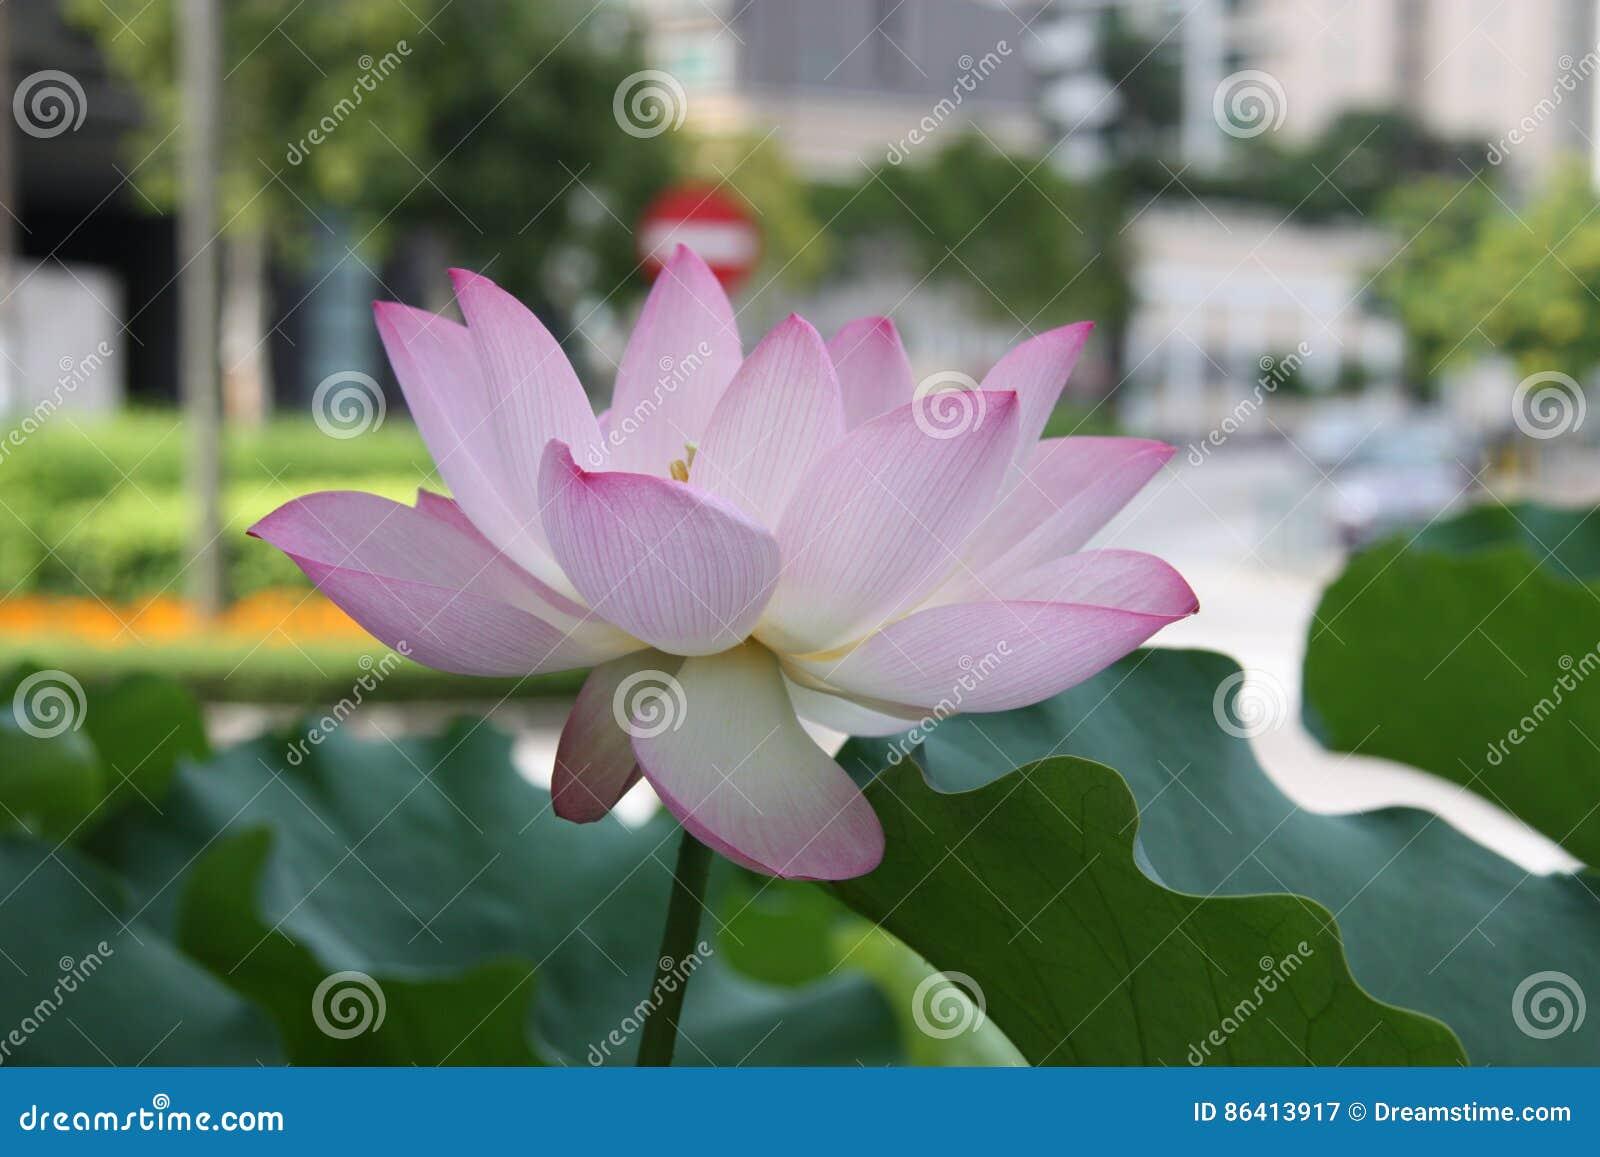 Lotus Flower Pink Lily Water Nature Lotus Root Stock Image